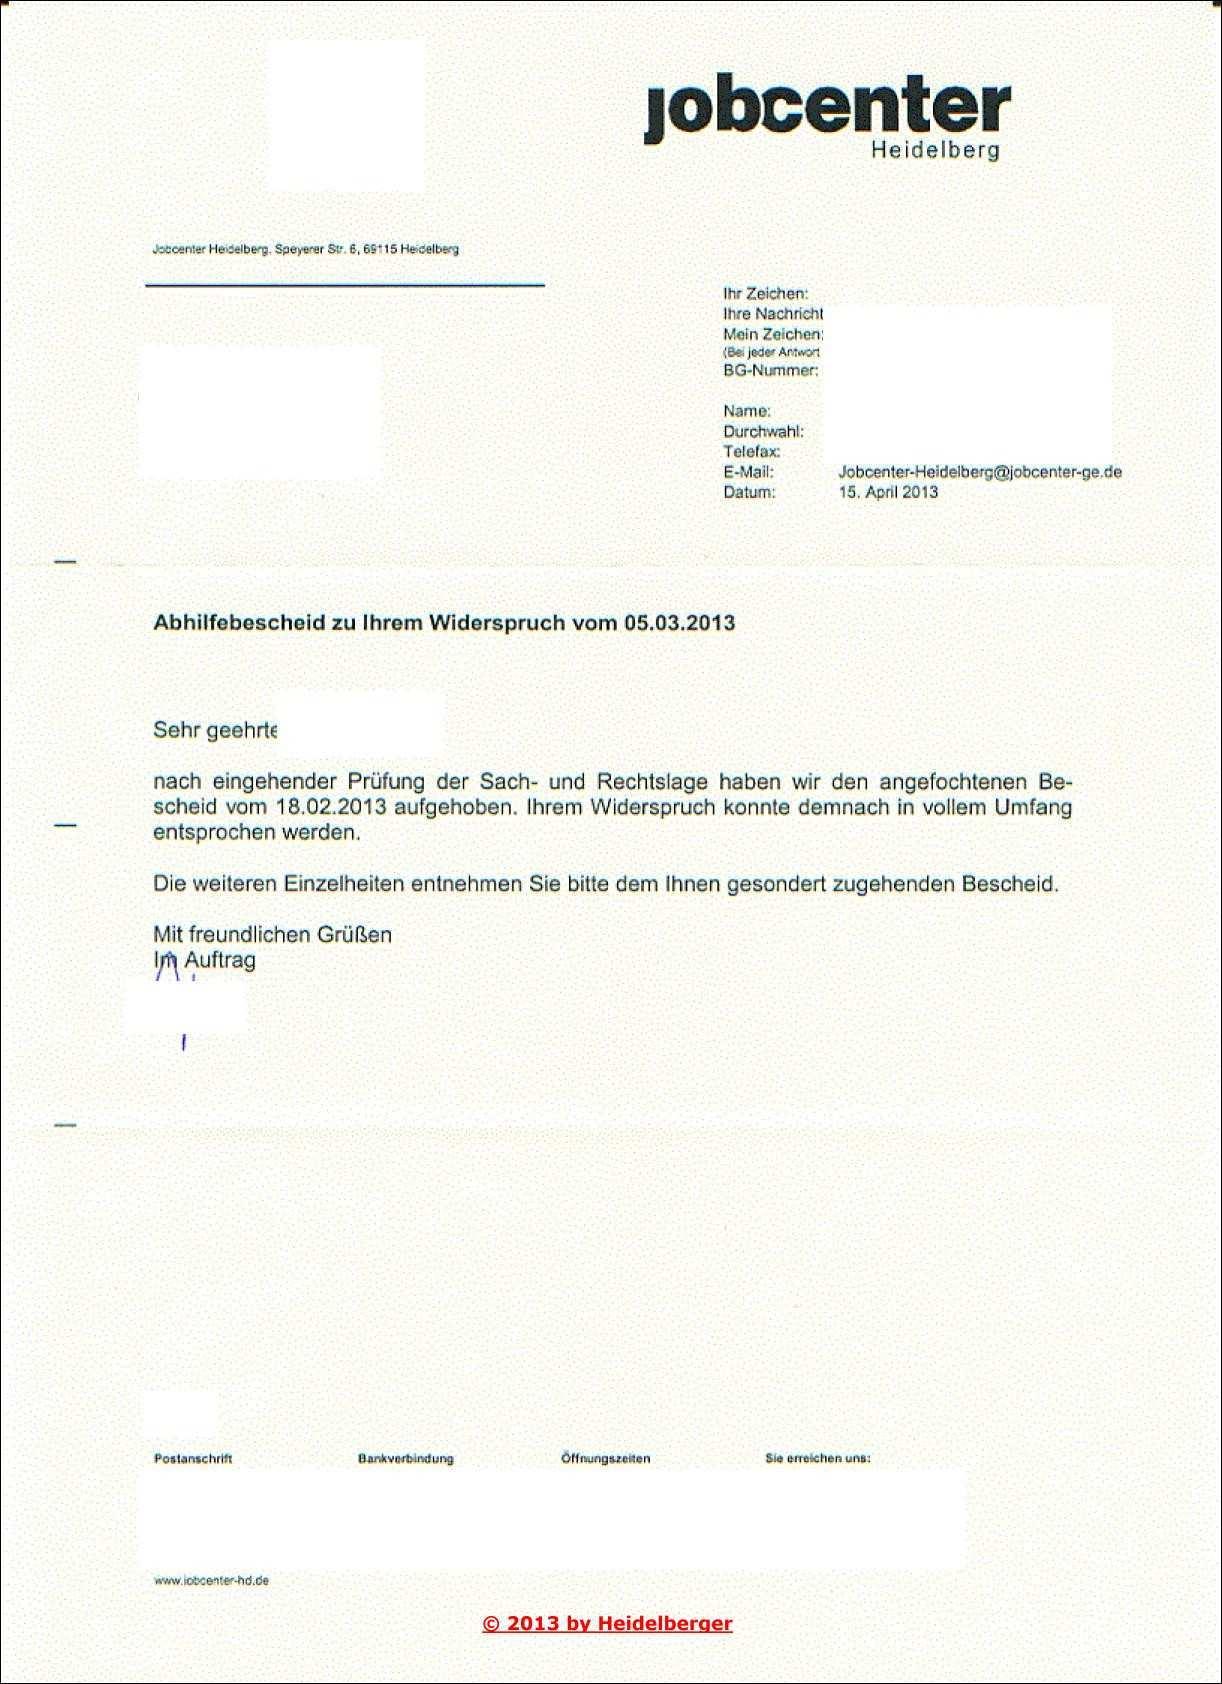 Gute Nacht Geschichten Vom Jobcenter Heidelberger Blog